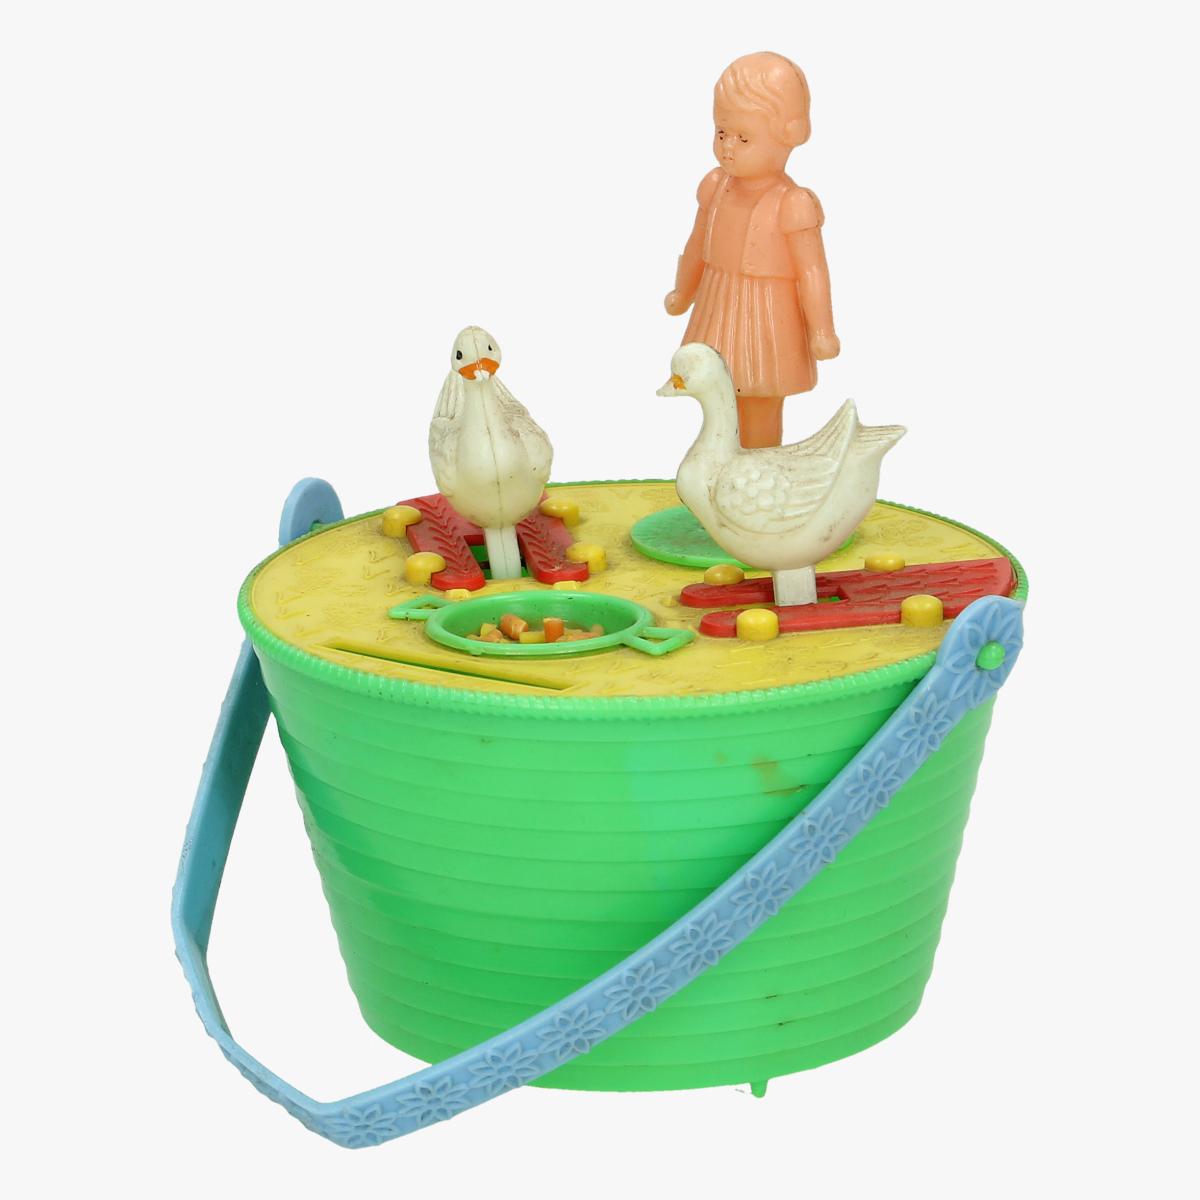 Afbeeldingen van spaarpot plastiek met bewegend meisje en eendjes